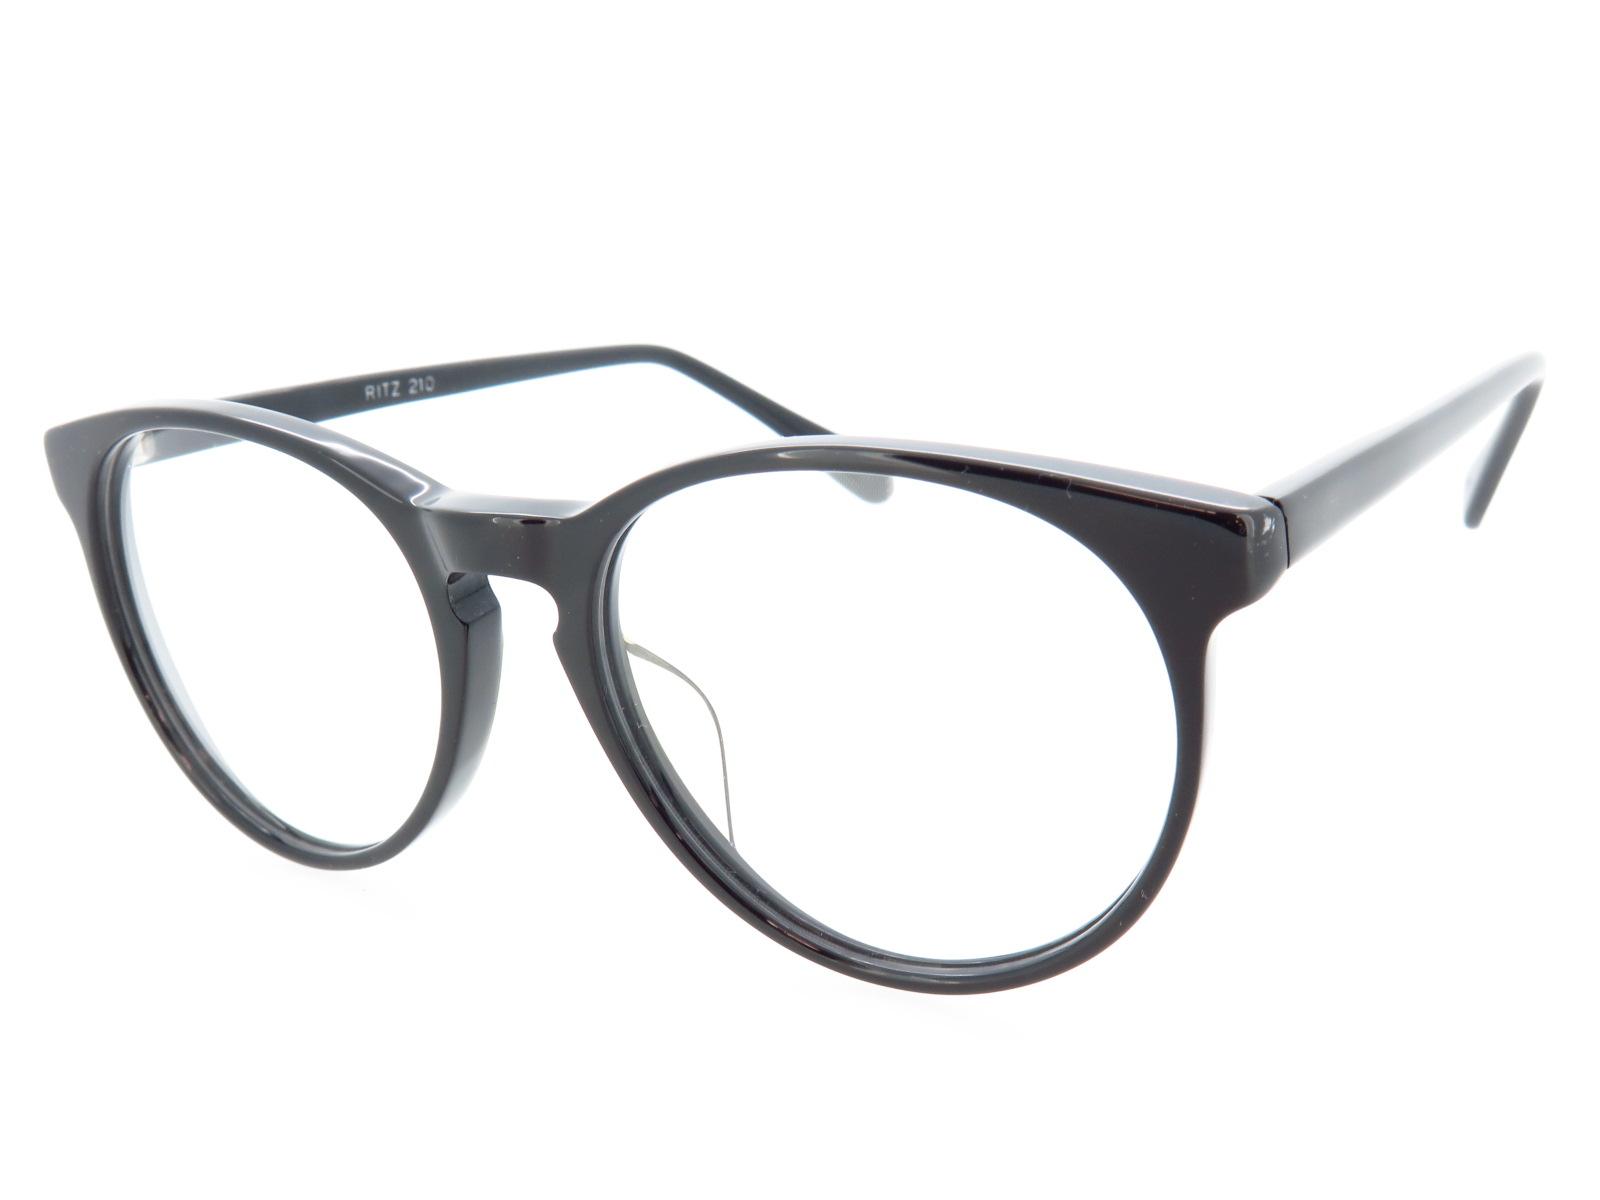 超薄型レンズ付セット ボストン型 クラシック セルフレーム RITZ210 ブラック